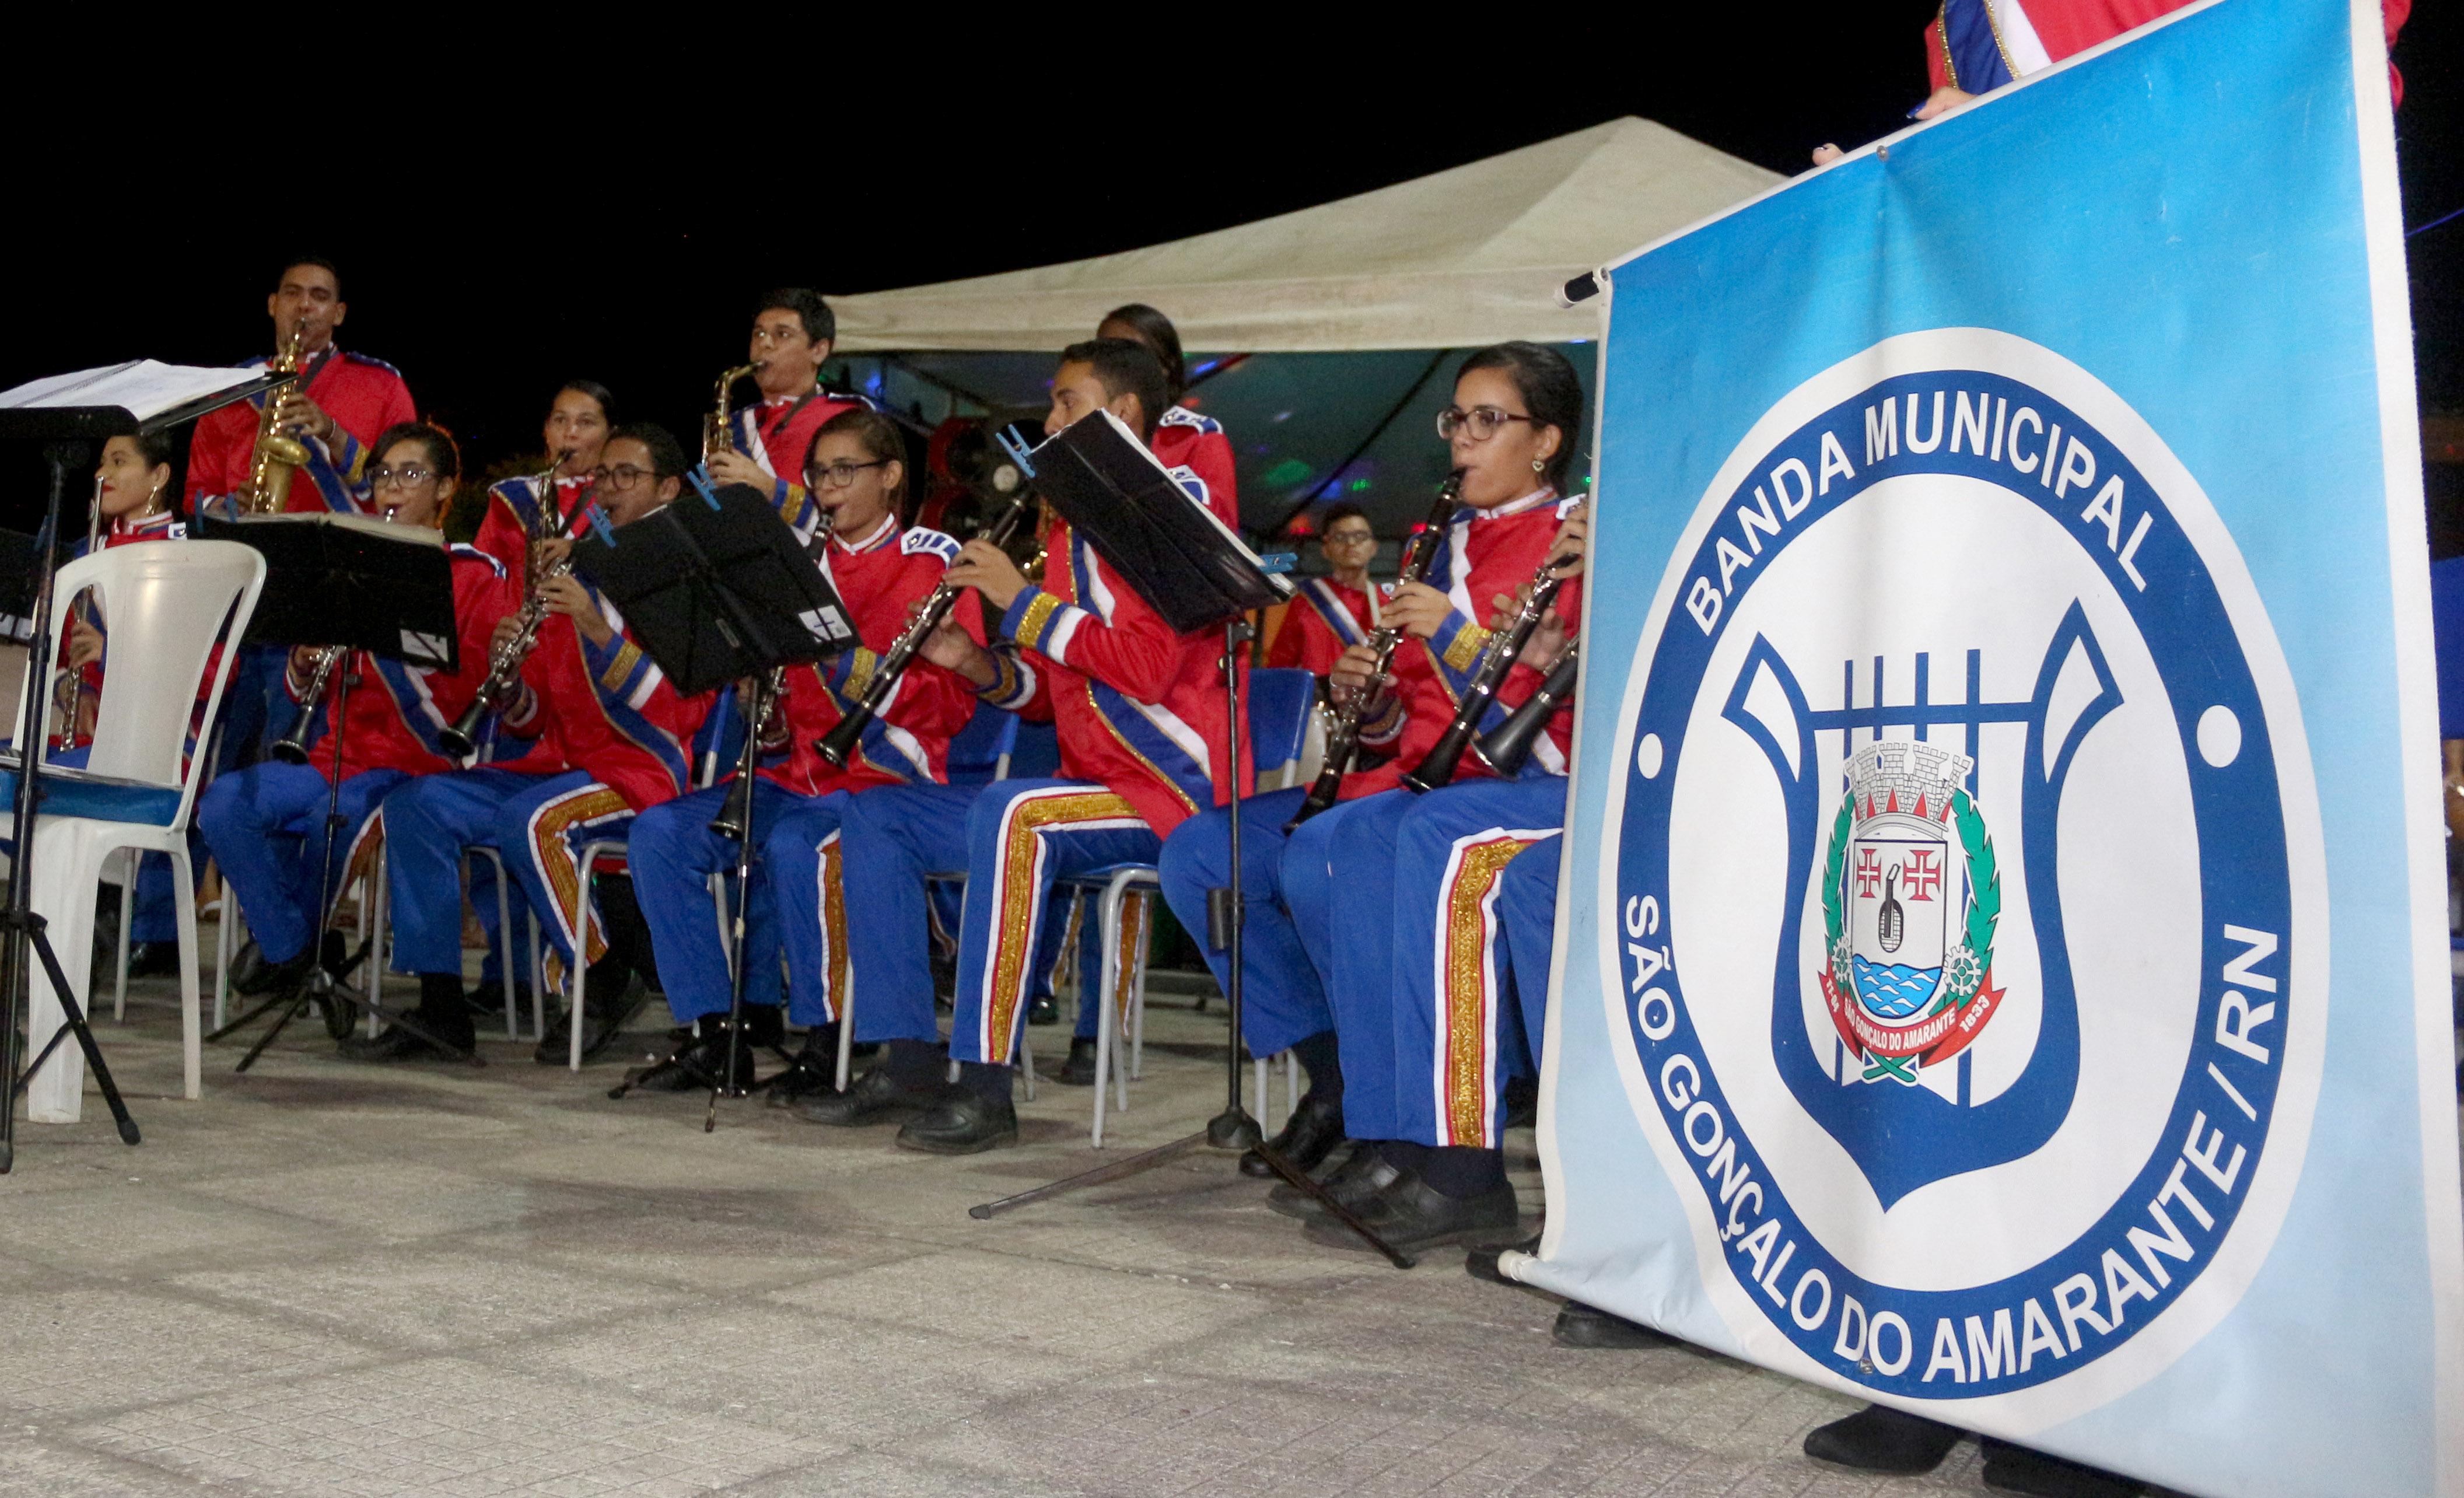 Banda Municipal abre inscrições para novos componentes